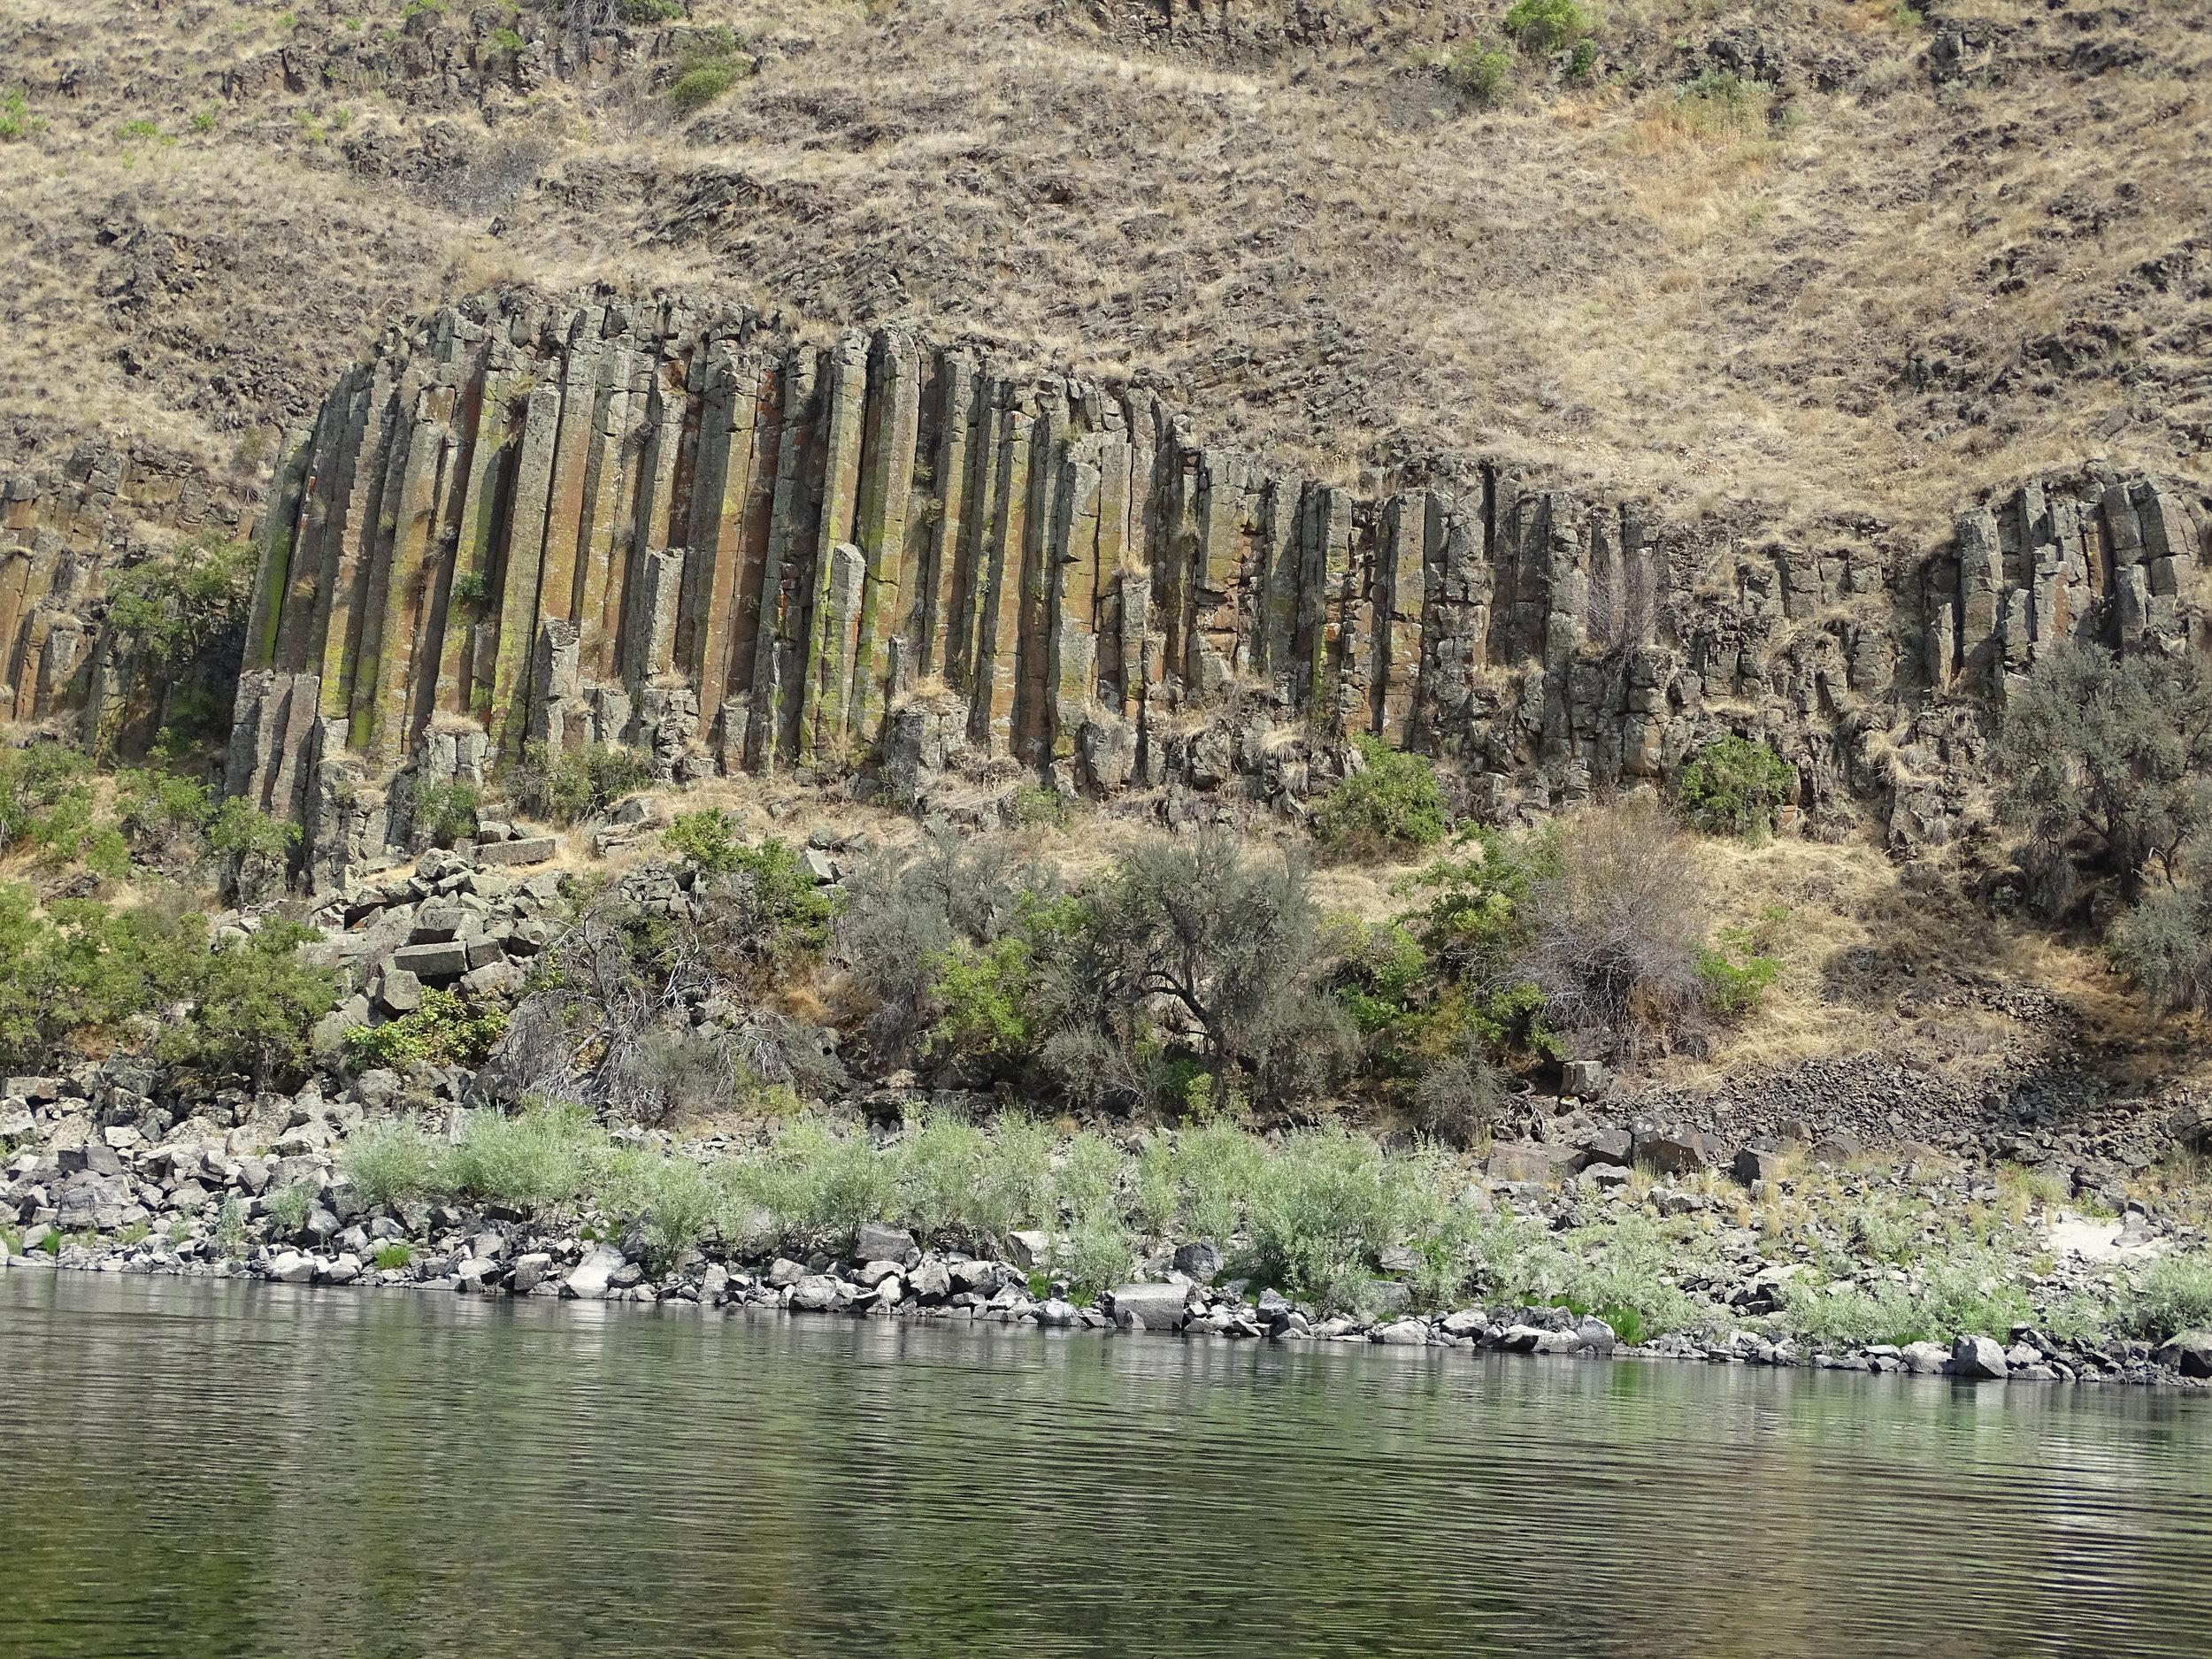 columnar basalt - the same rock that makes up Devil's Tower